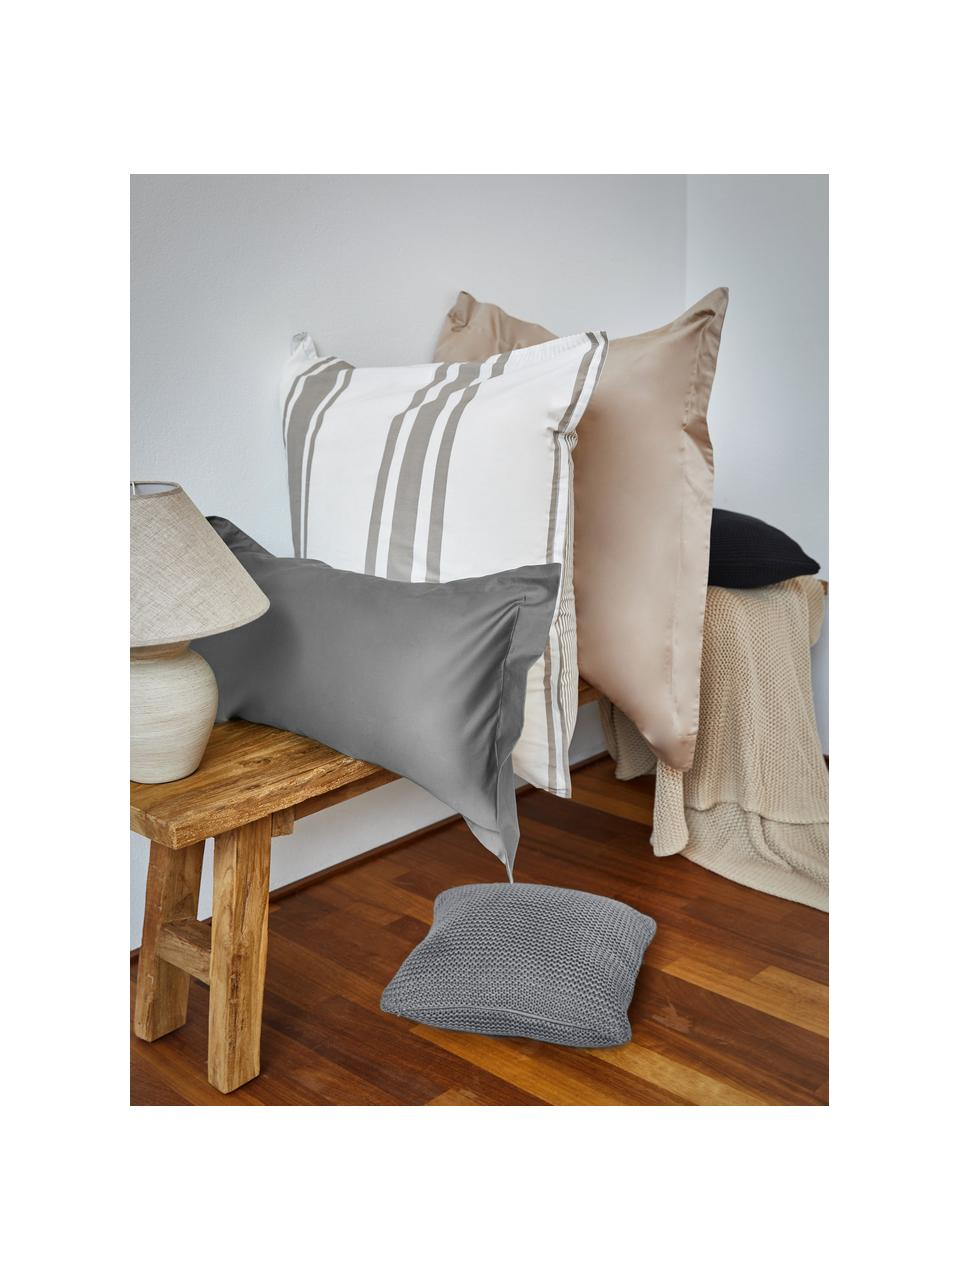 Federa arredo a maglia in cotone biologico grigio chiaro Adalyn, 100% cotone biologico, certificato GOTS, Grigio chiaro, Larg. 60 x Lung. 60 cm